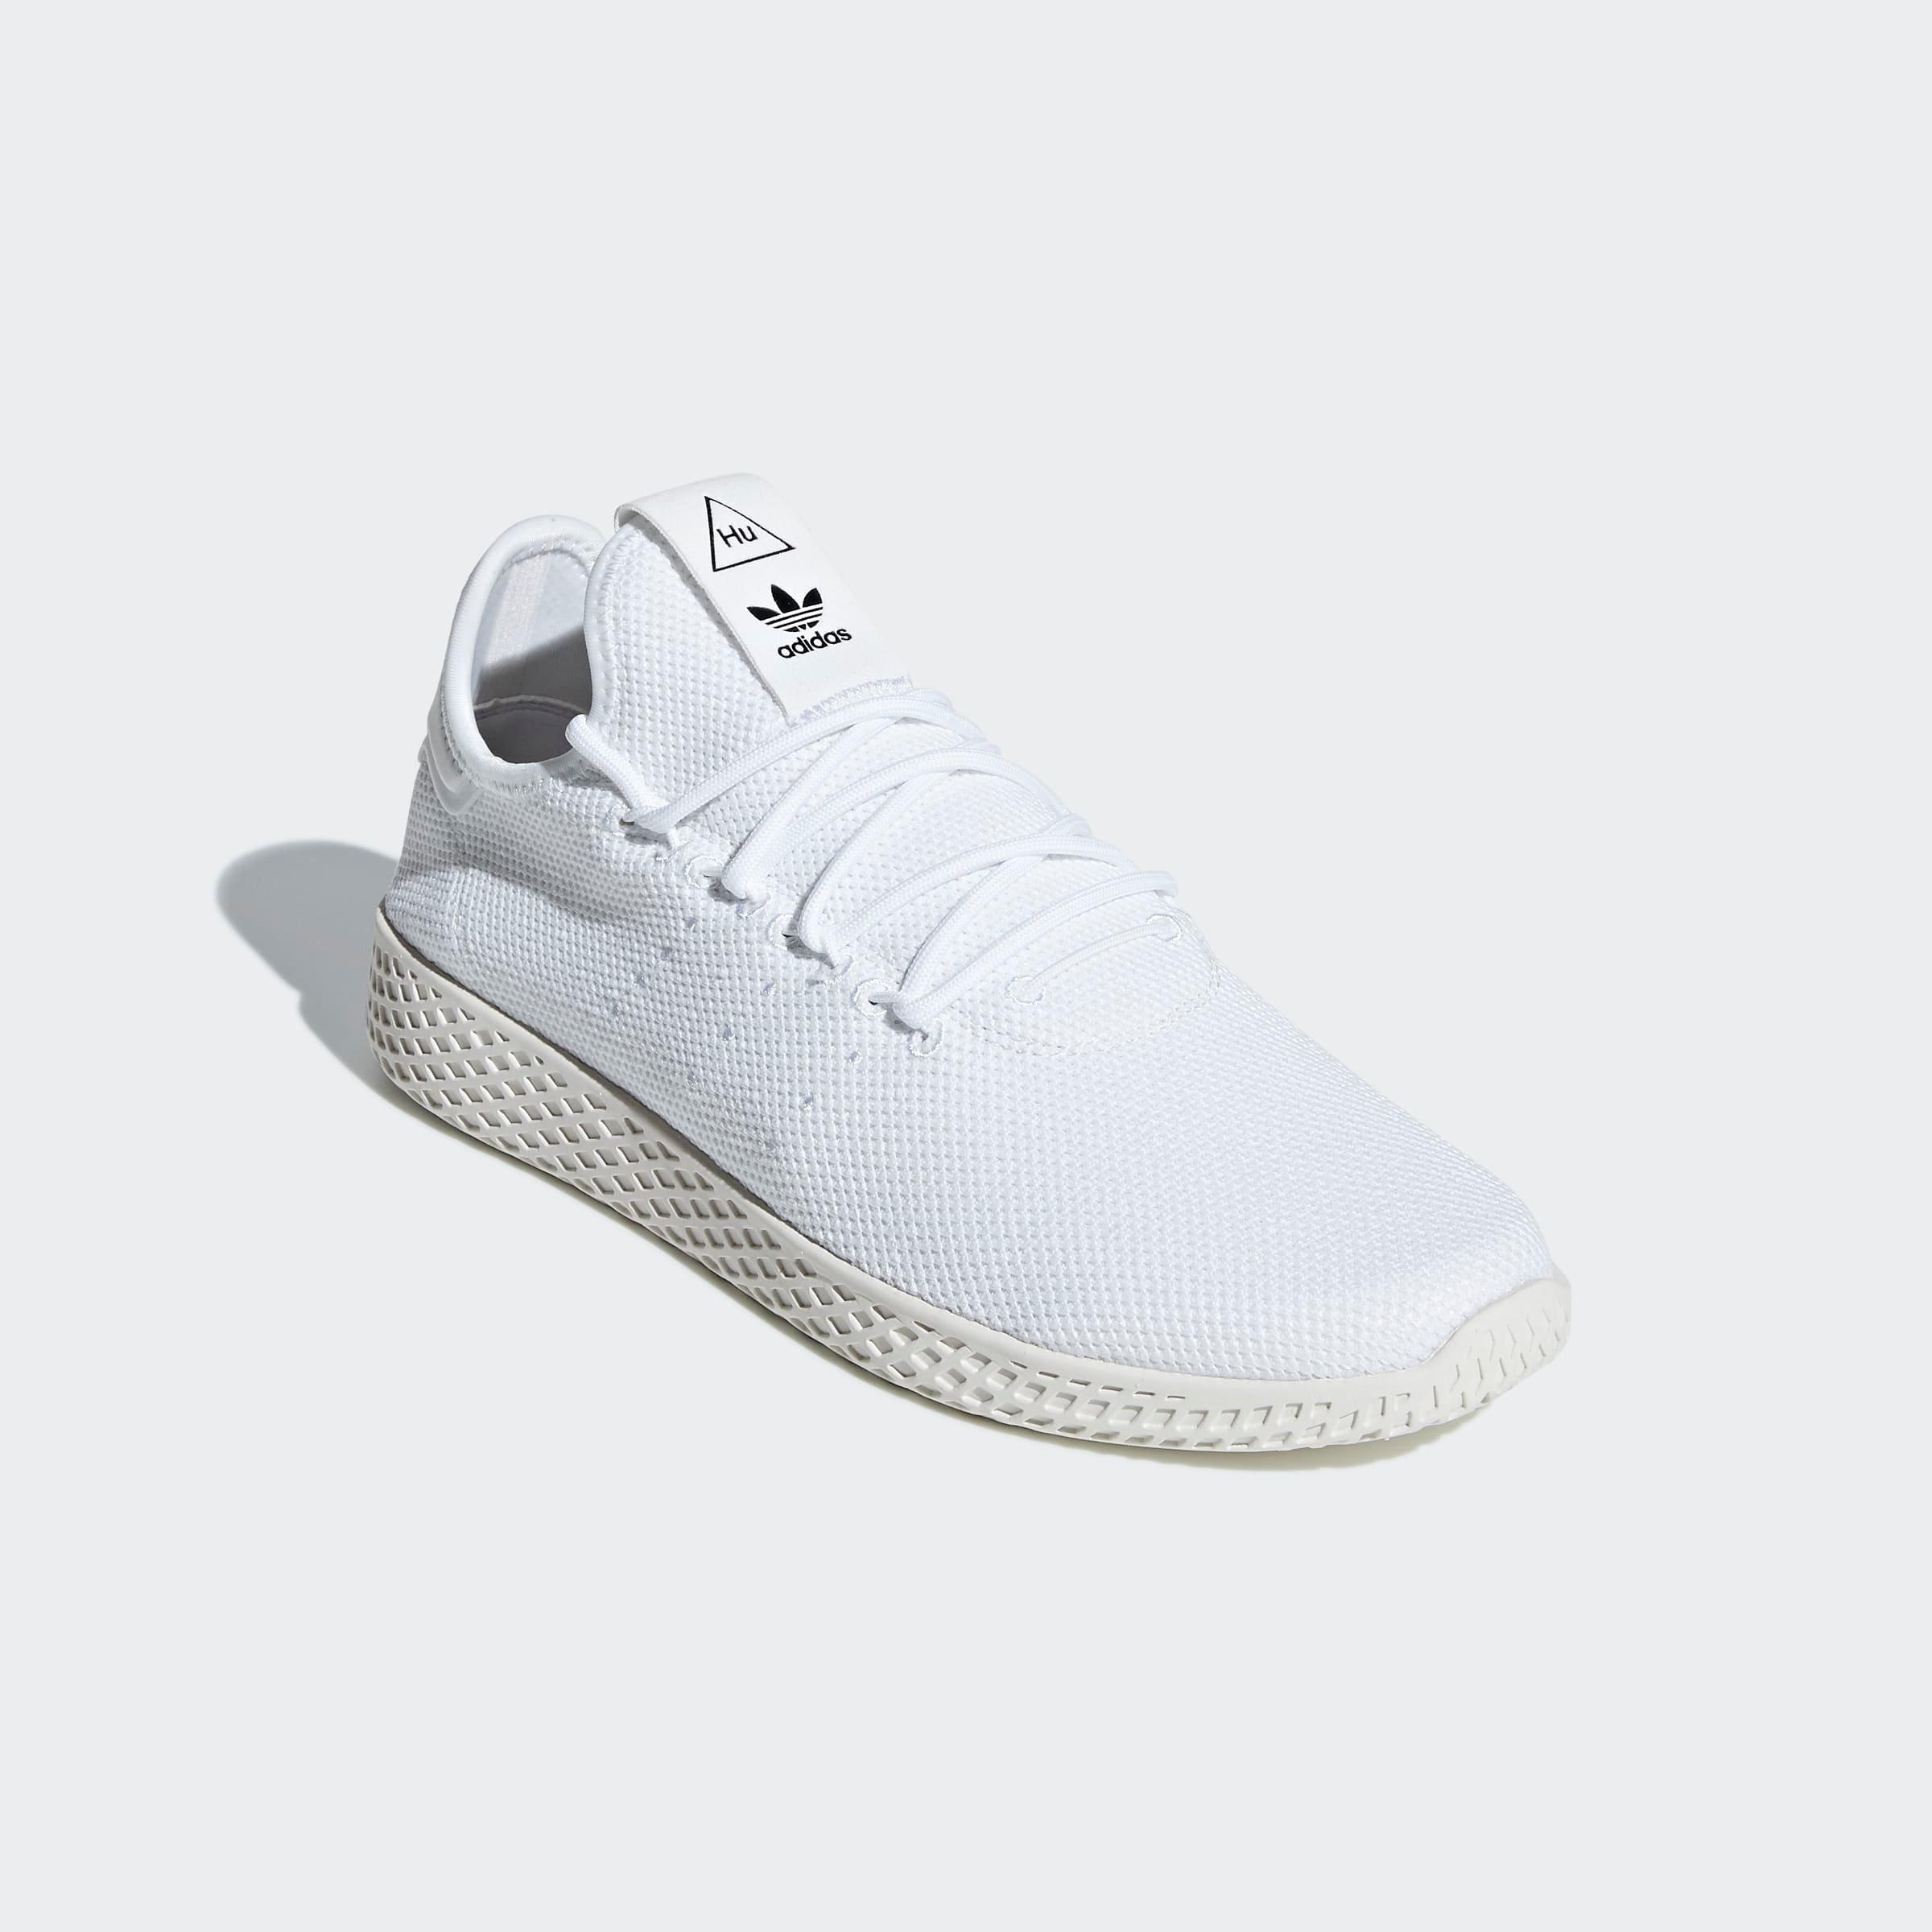 adidas Originals sneakers PHARRELL WILLIAMS TENNIS HU voordelig en veilig online kopen